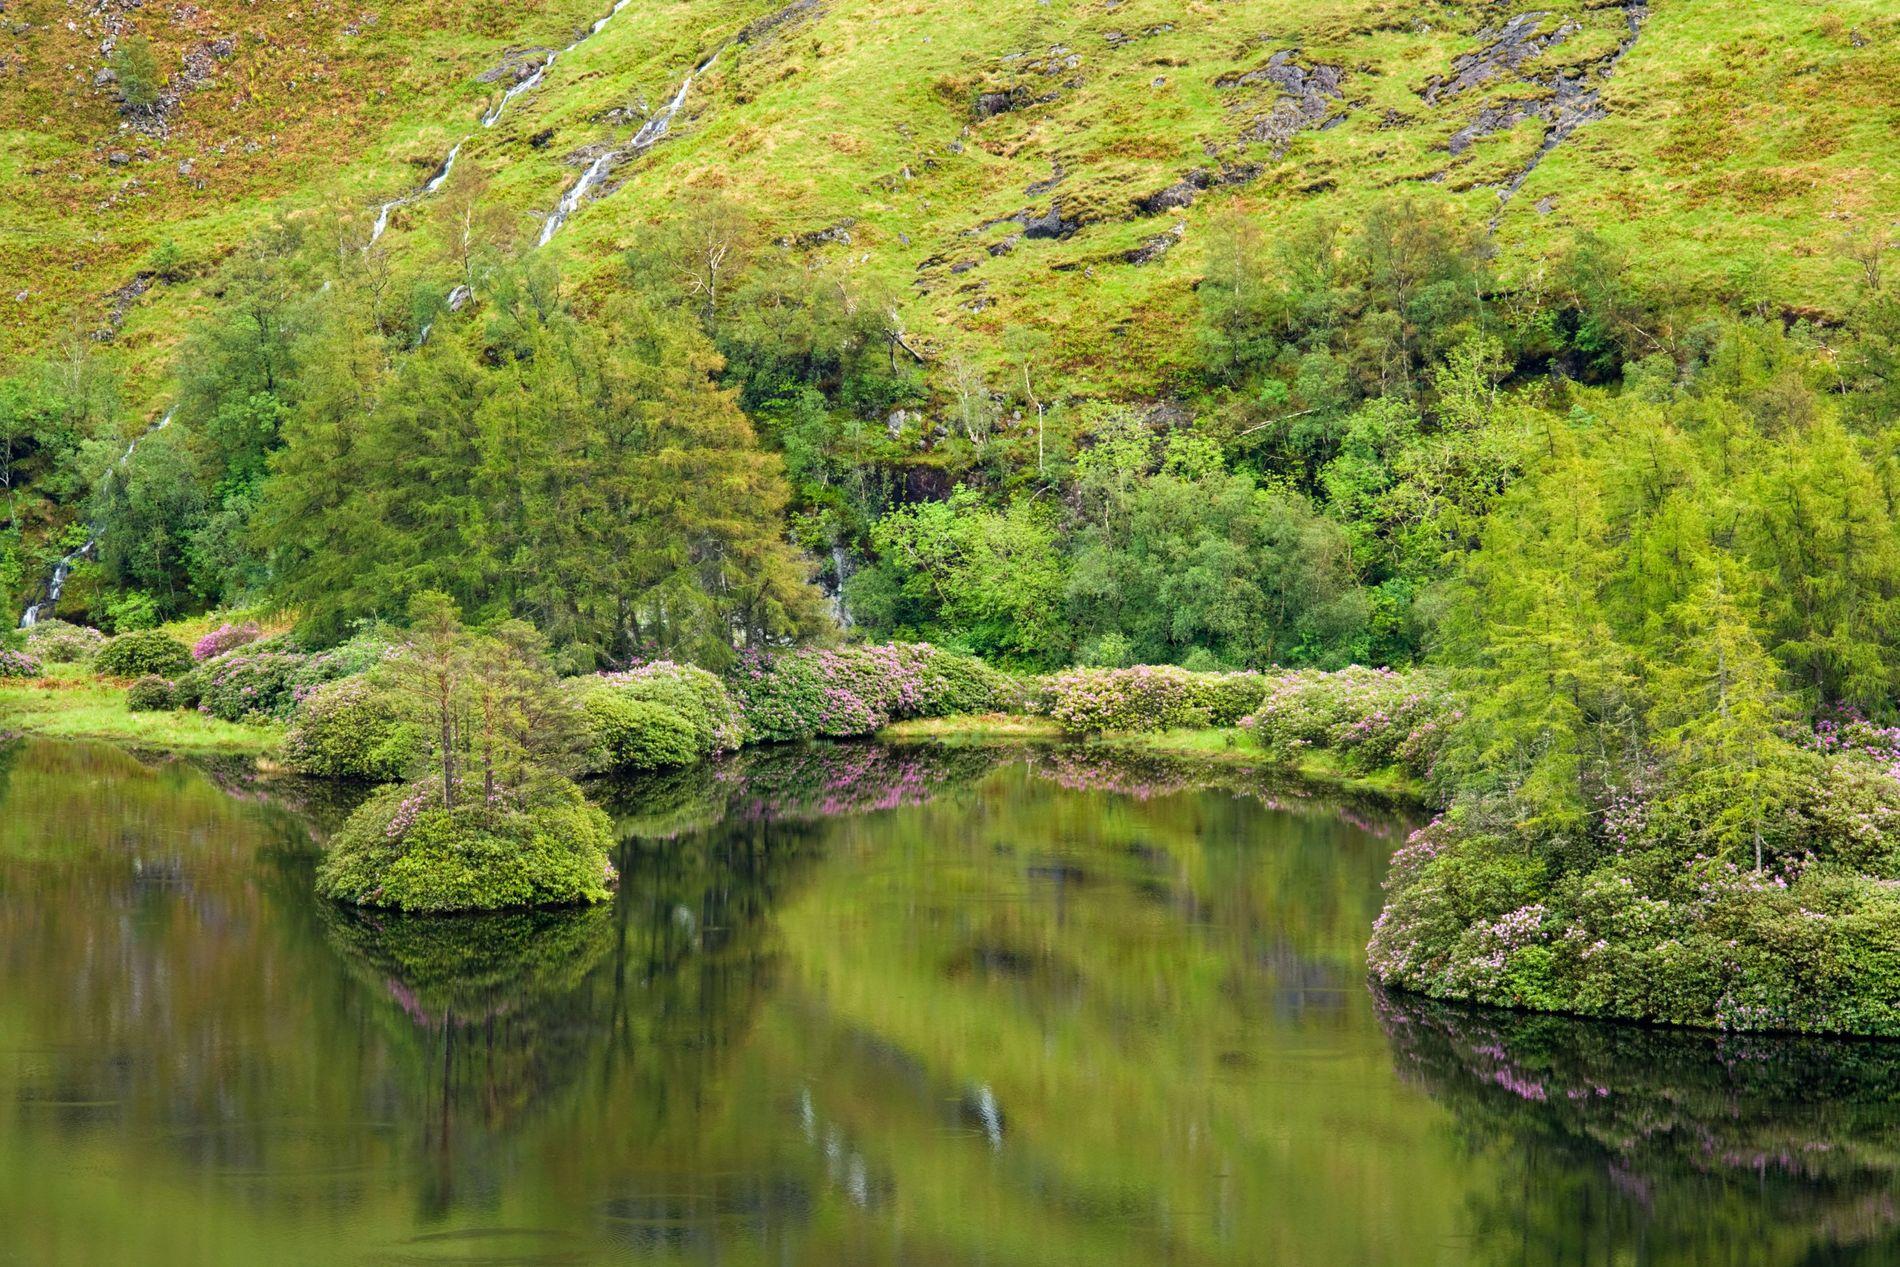 Rhododendron, like purple stars amongst the greenery on the shore of Lochan Urr in Glen Etive, ...